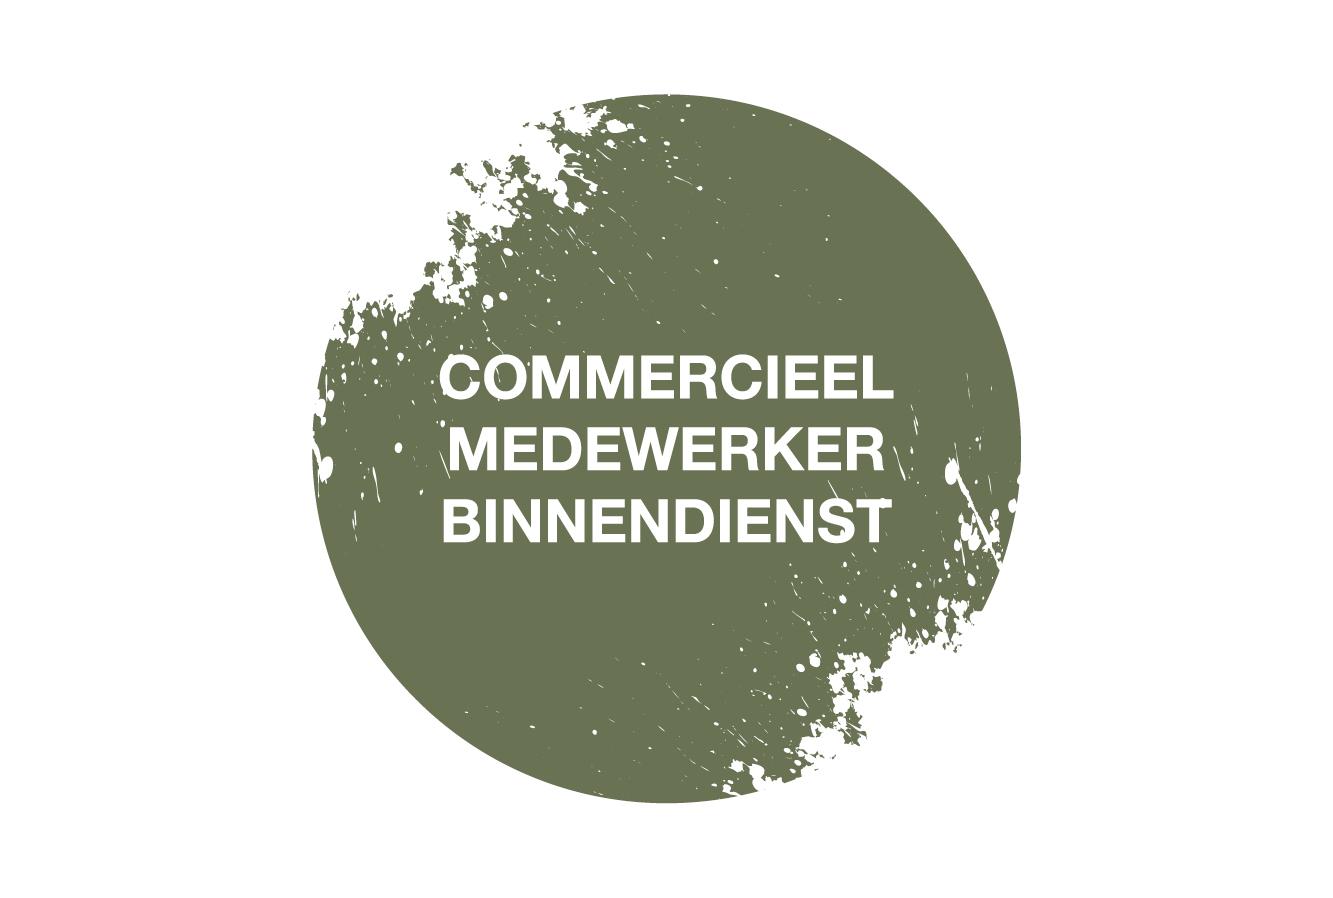 LABEL51_VACATURE_-_COMMERCIEEL_MEDEWERKER_BINNENDIENST_